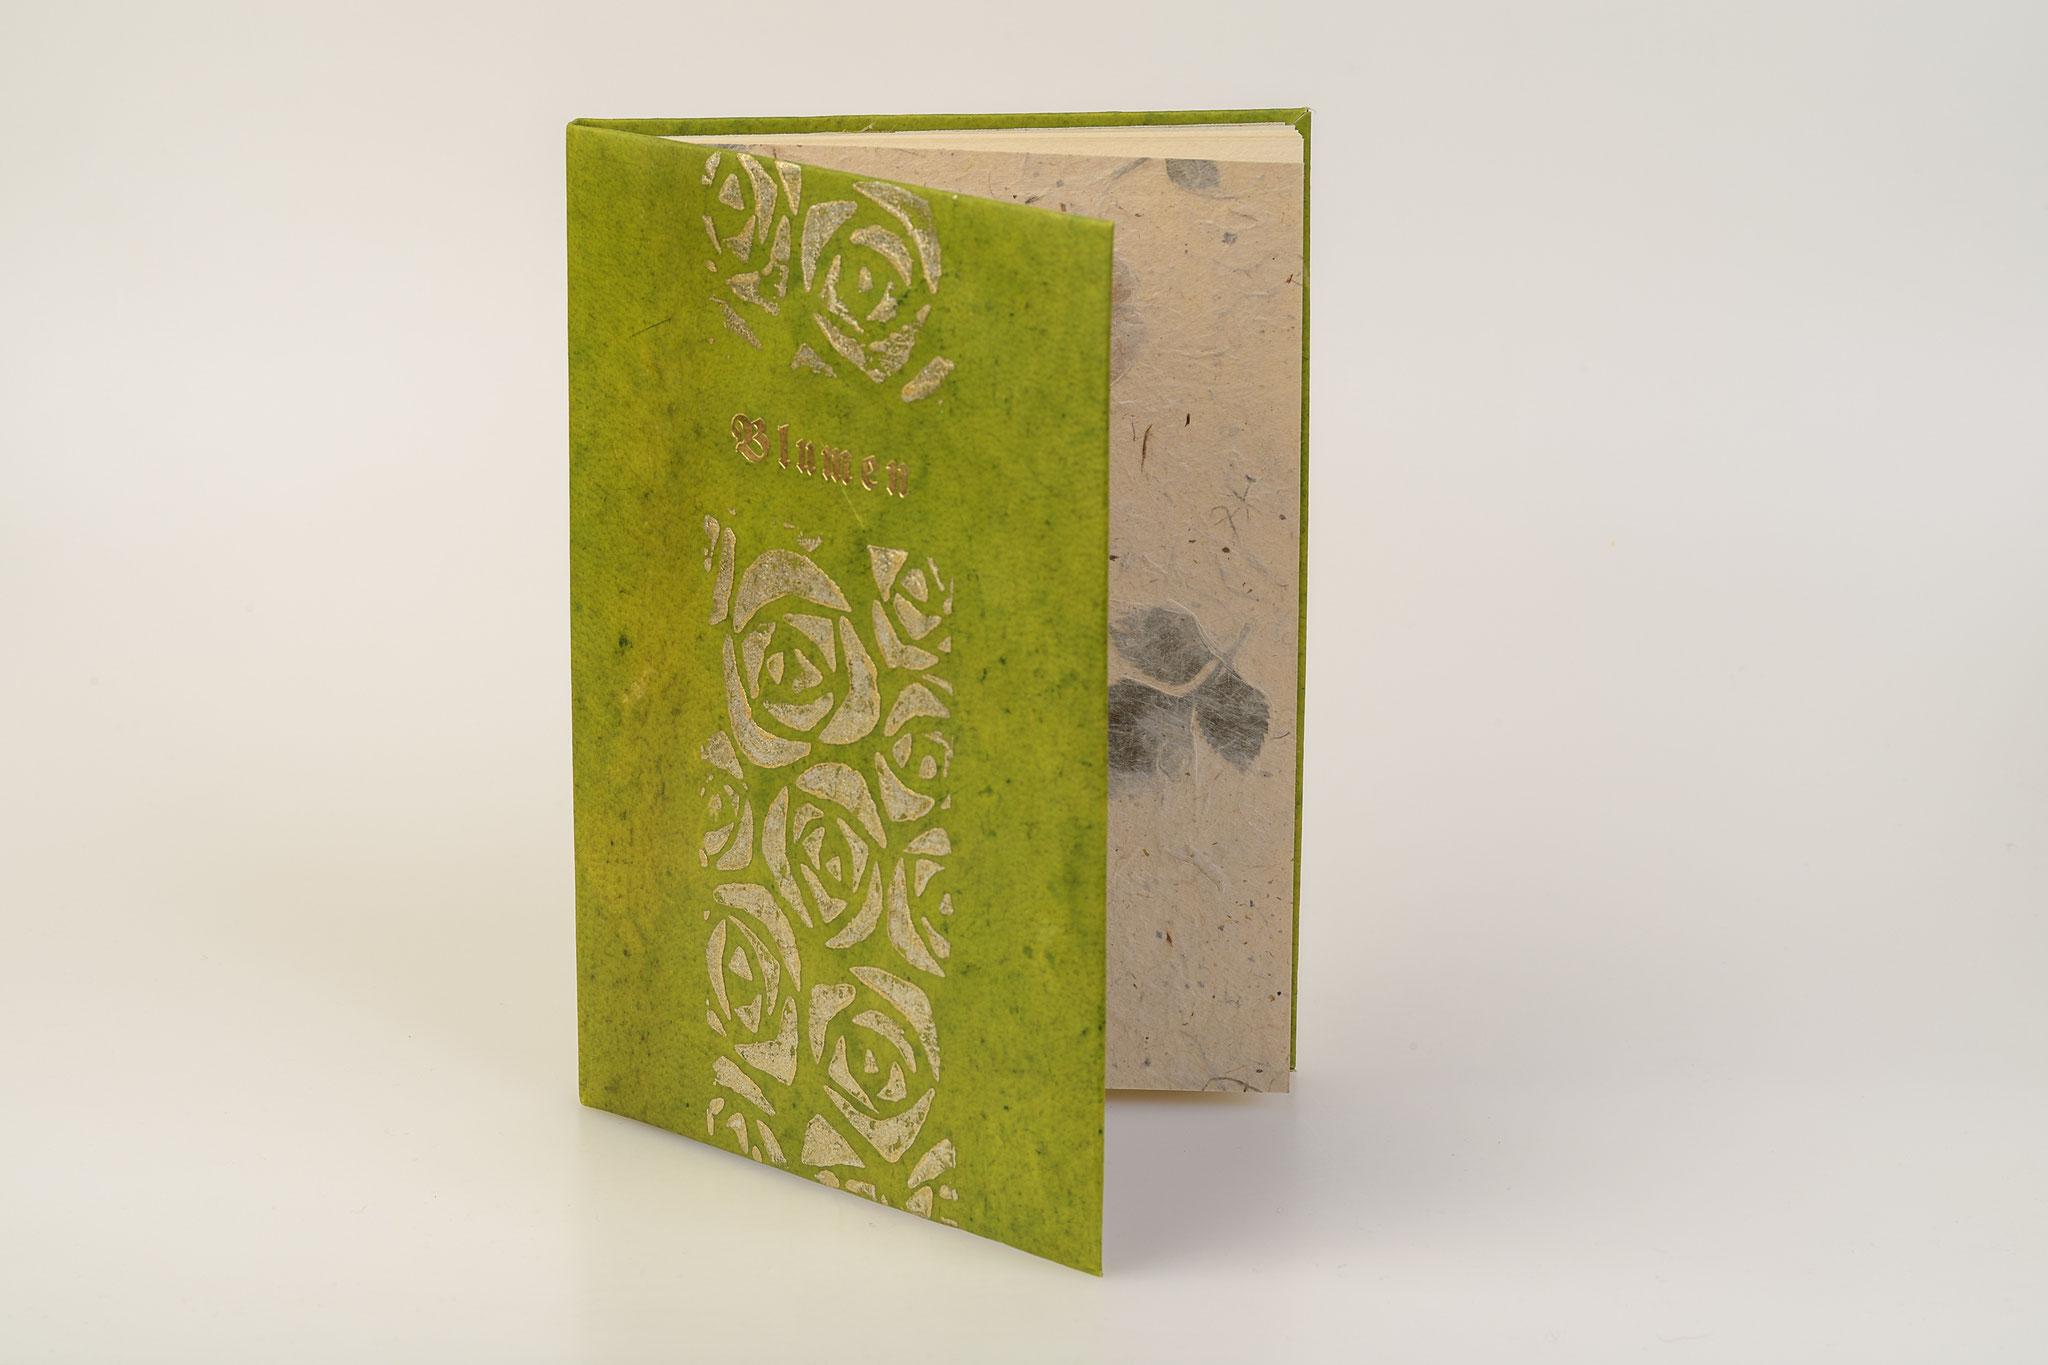 Blumen, Gedichte, illustriert von J.L. Gampp, flexibler Pergamentband, bedruckt, Goldtitel, verk.